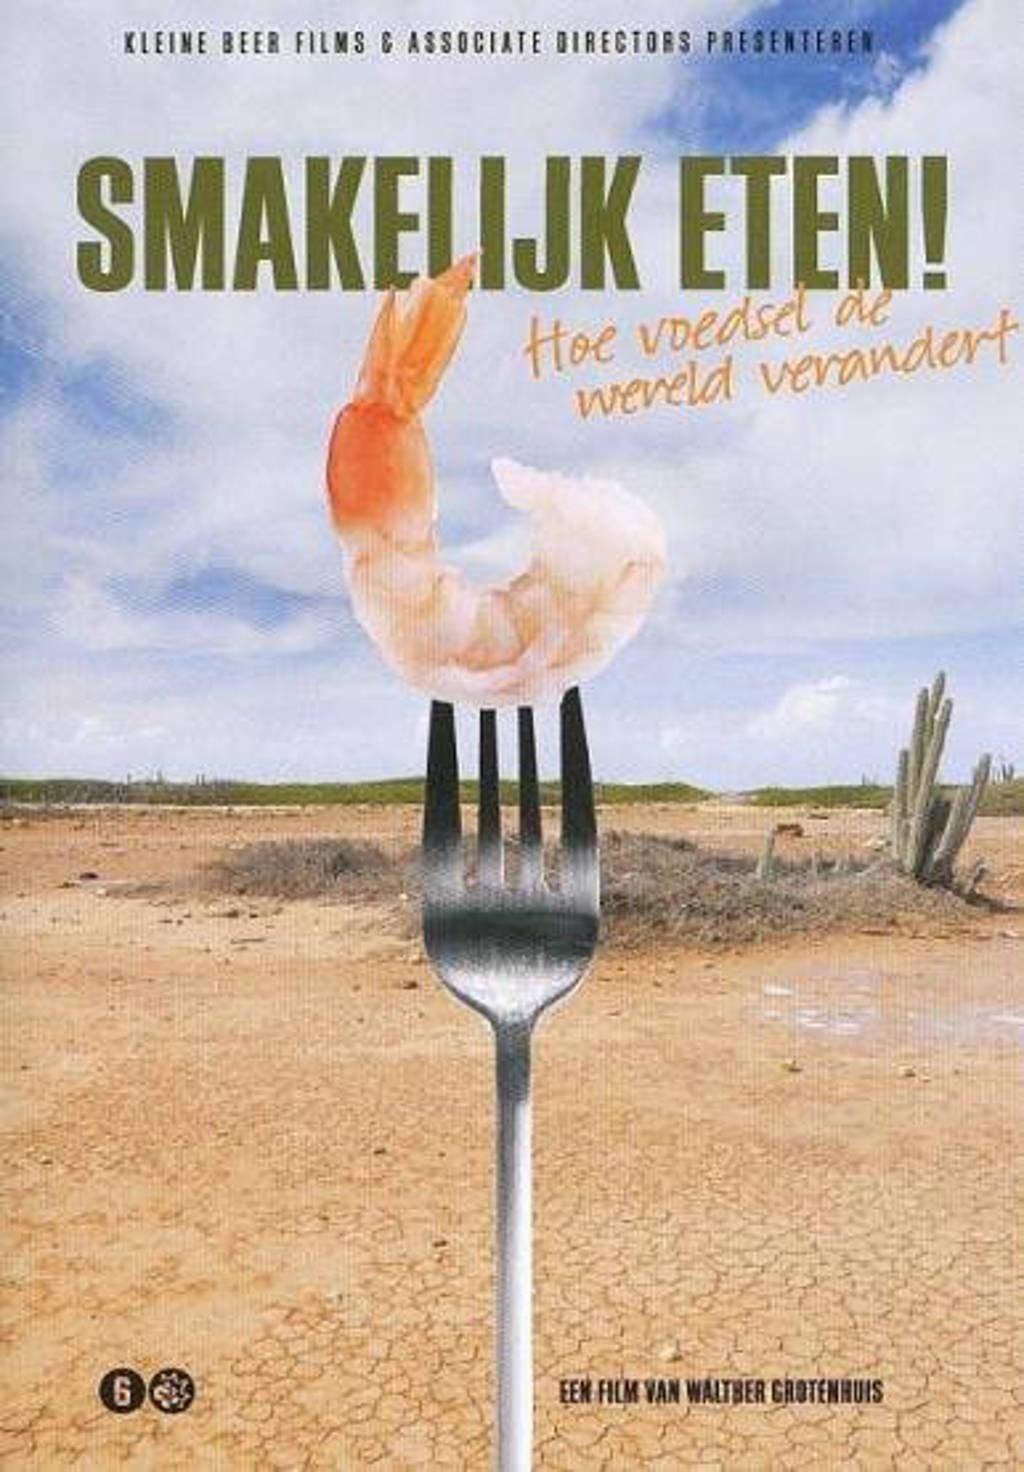 Smakelijk eten (DVD)